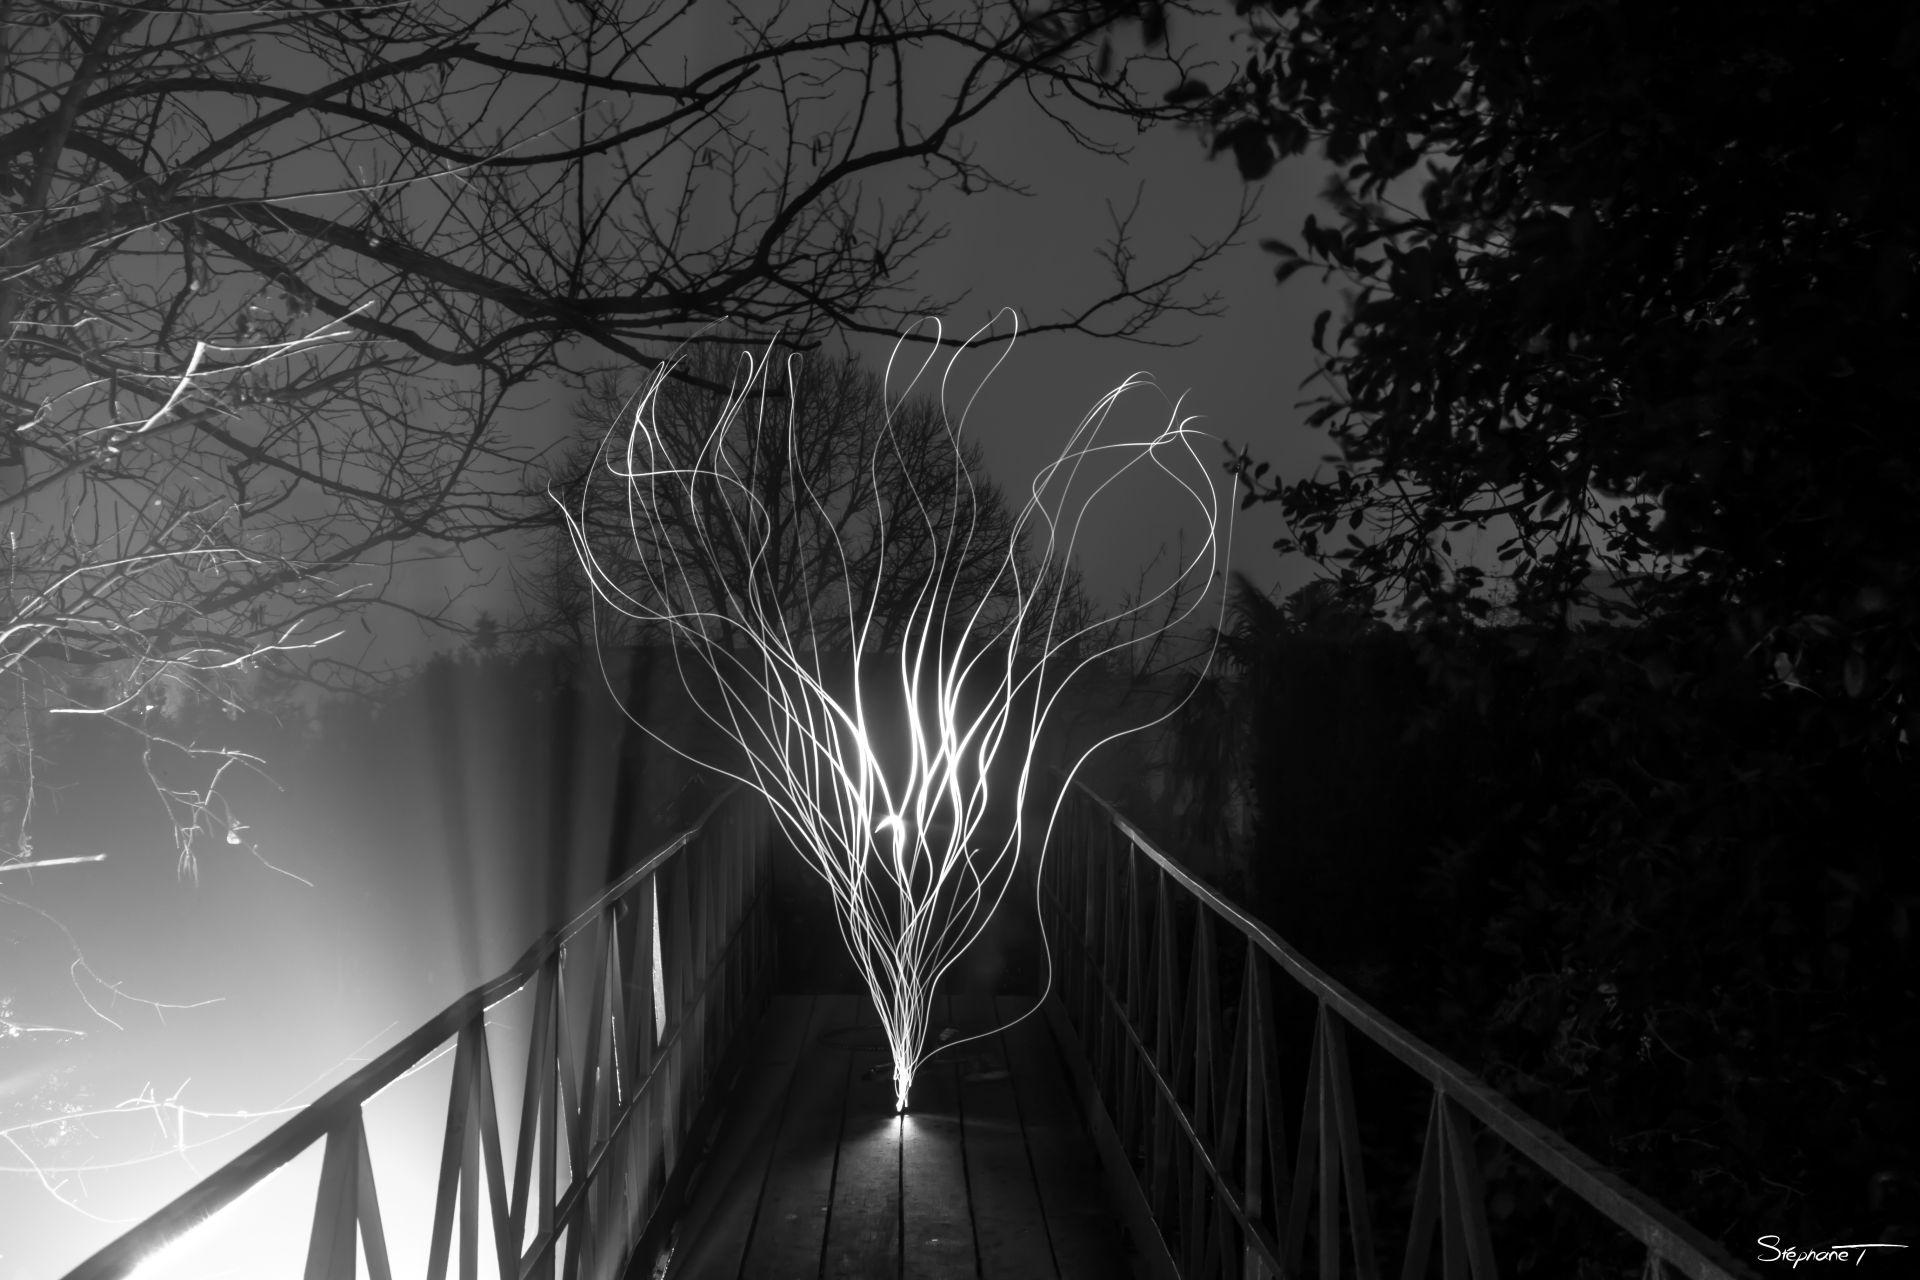 Light Painting en noir et blanc par Stéphane T.